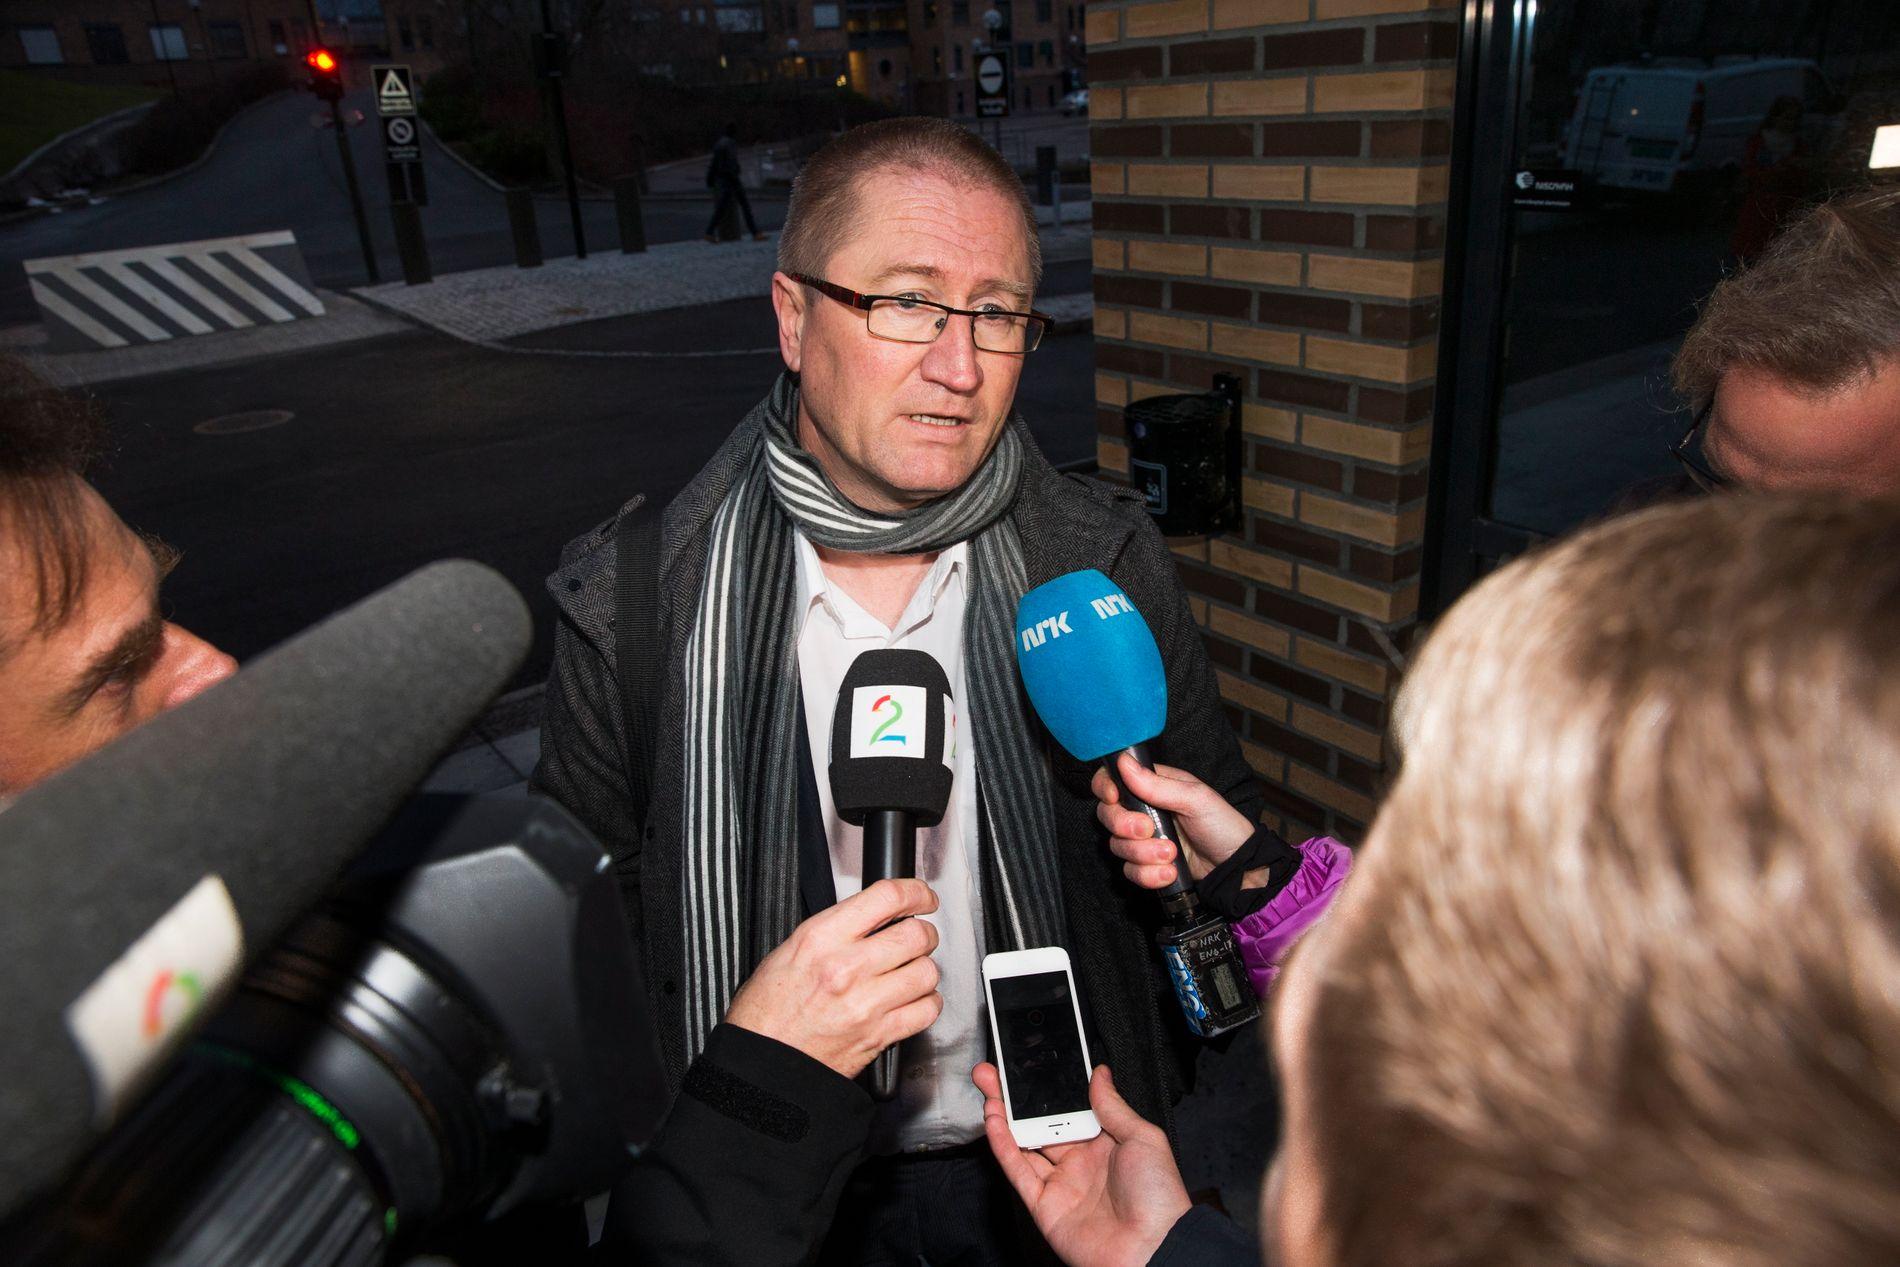 INTERESSANT: Det mener KrF-politiker Geir Jørgen Bekkevold om at mange idrettsledere selv vil vrake Norsk Tipping som direkte finansieringskilde.